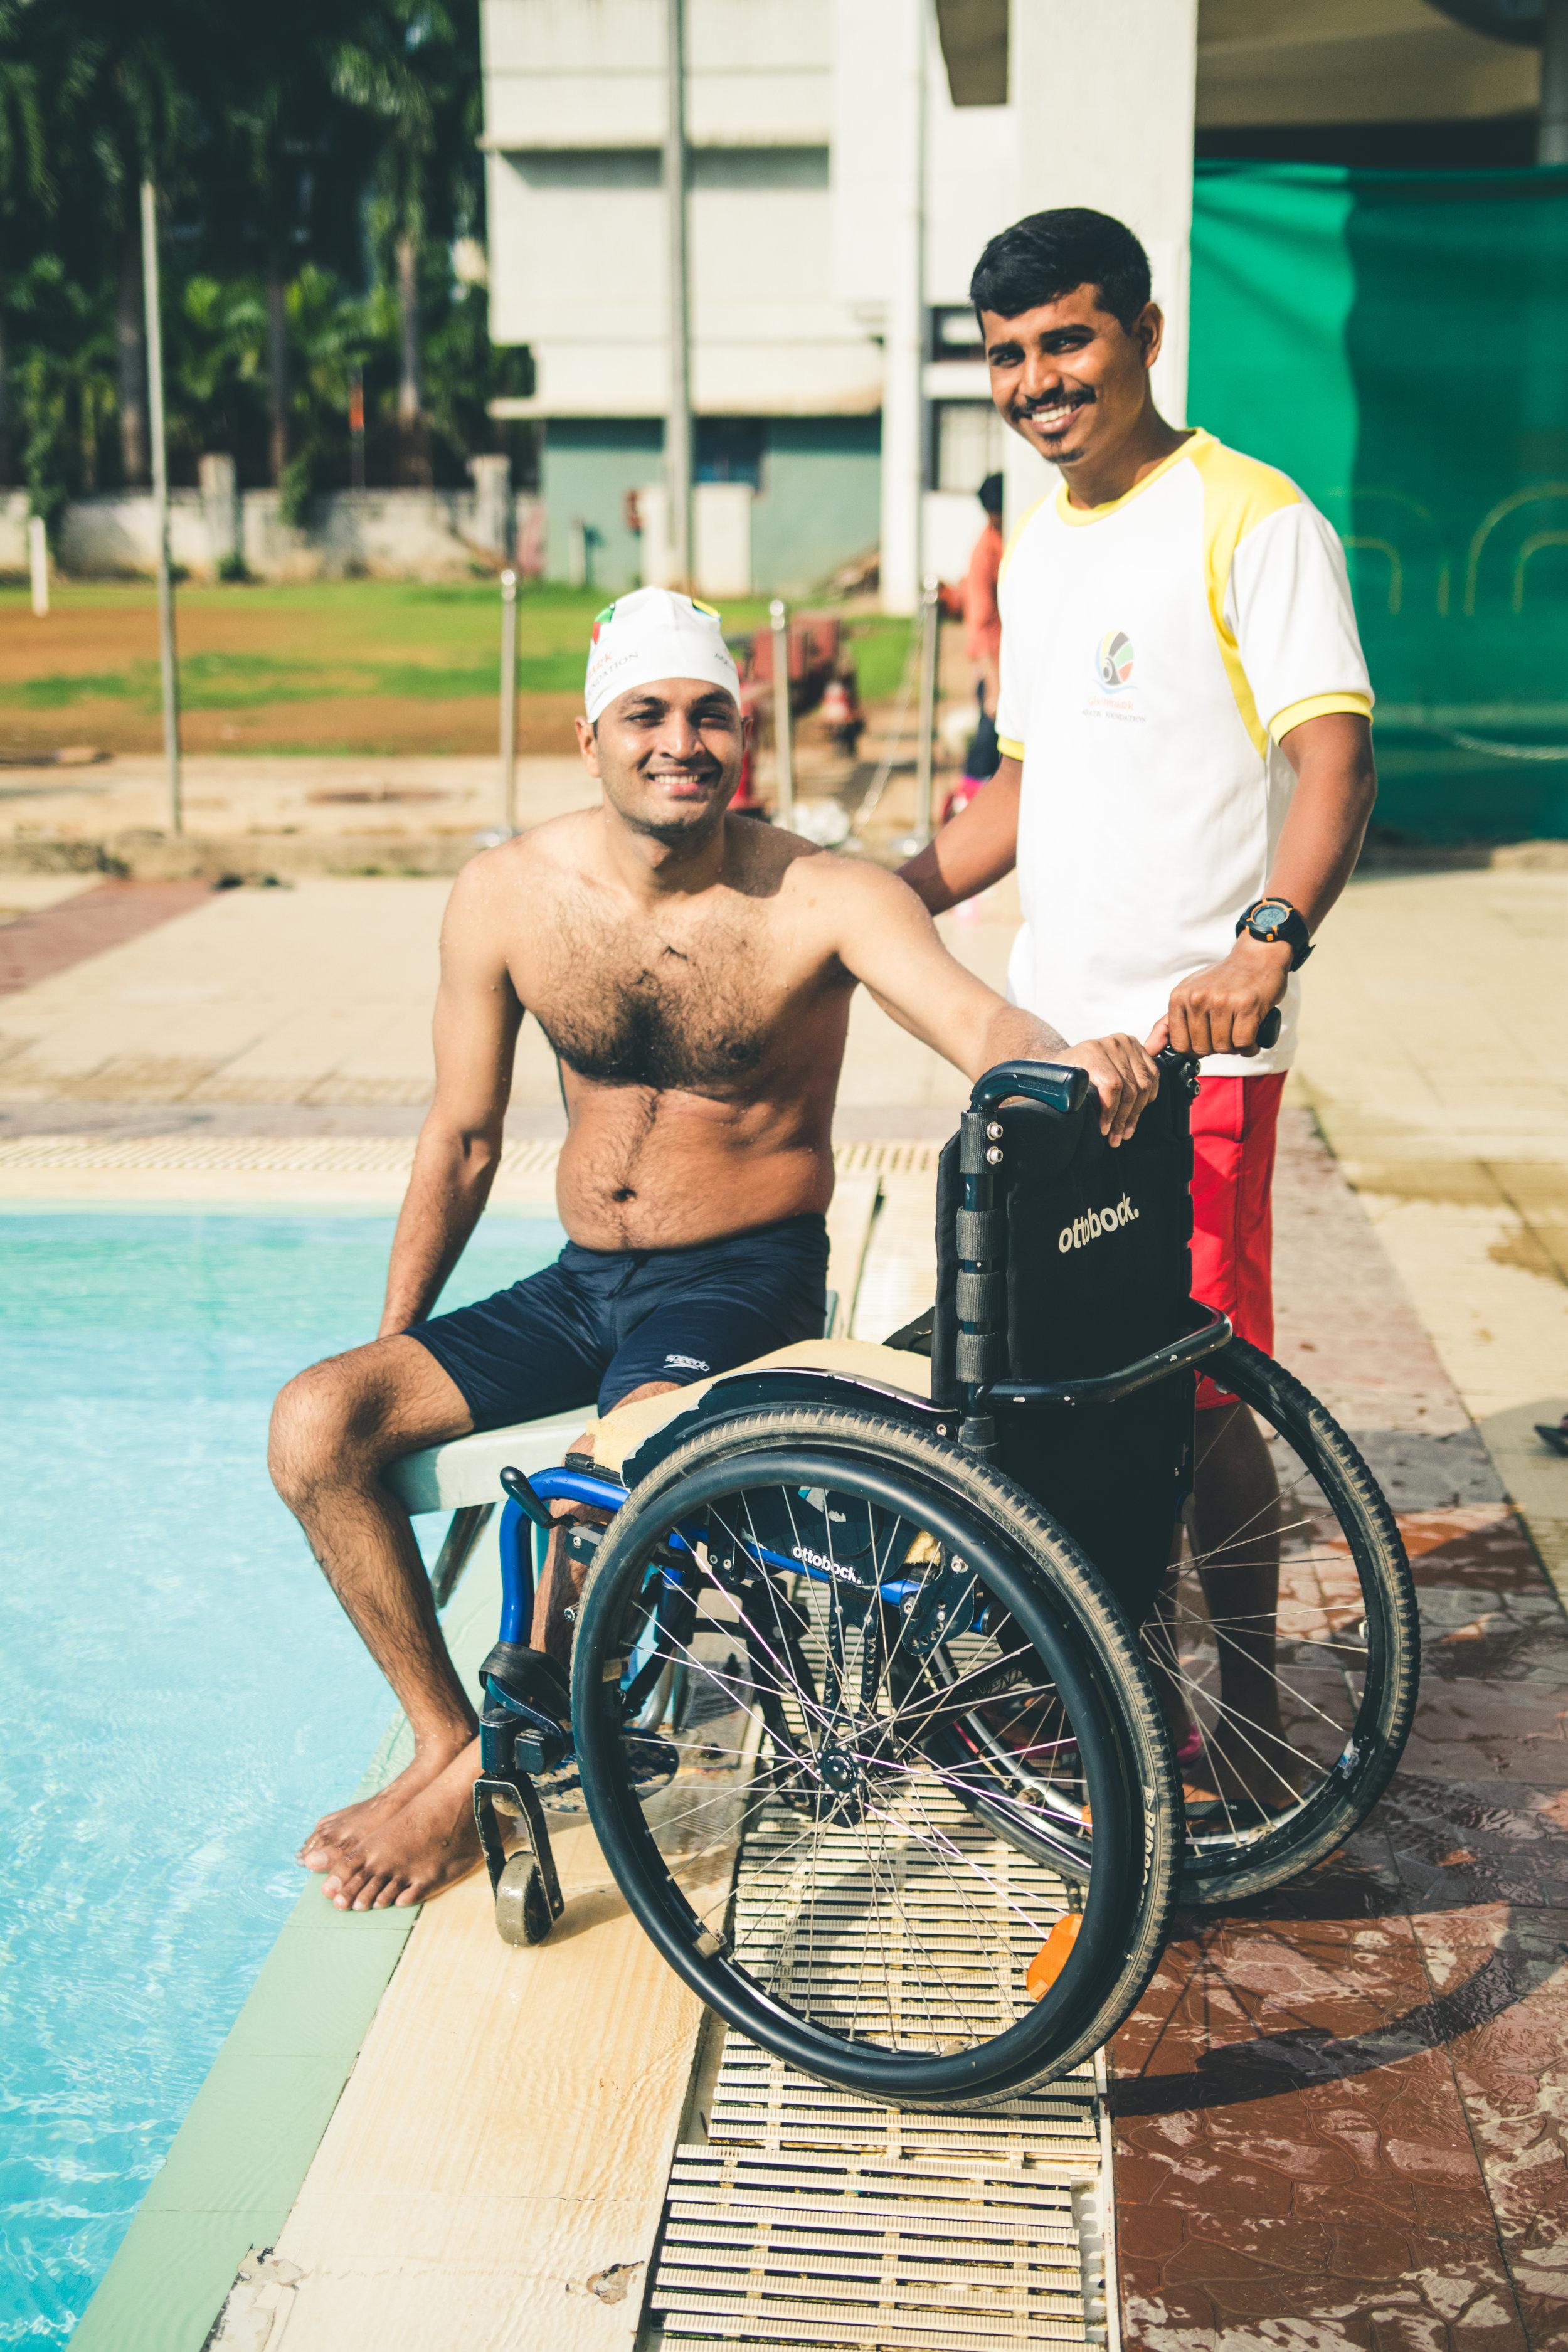 Paraplegic Swimmer